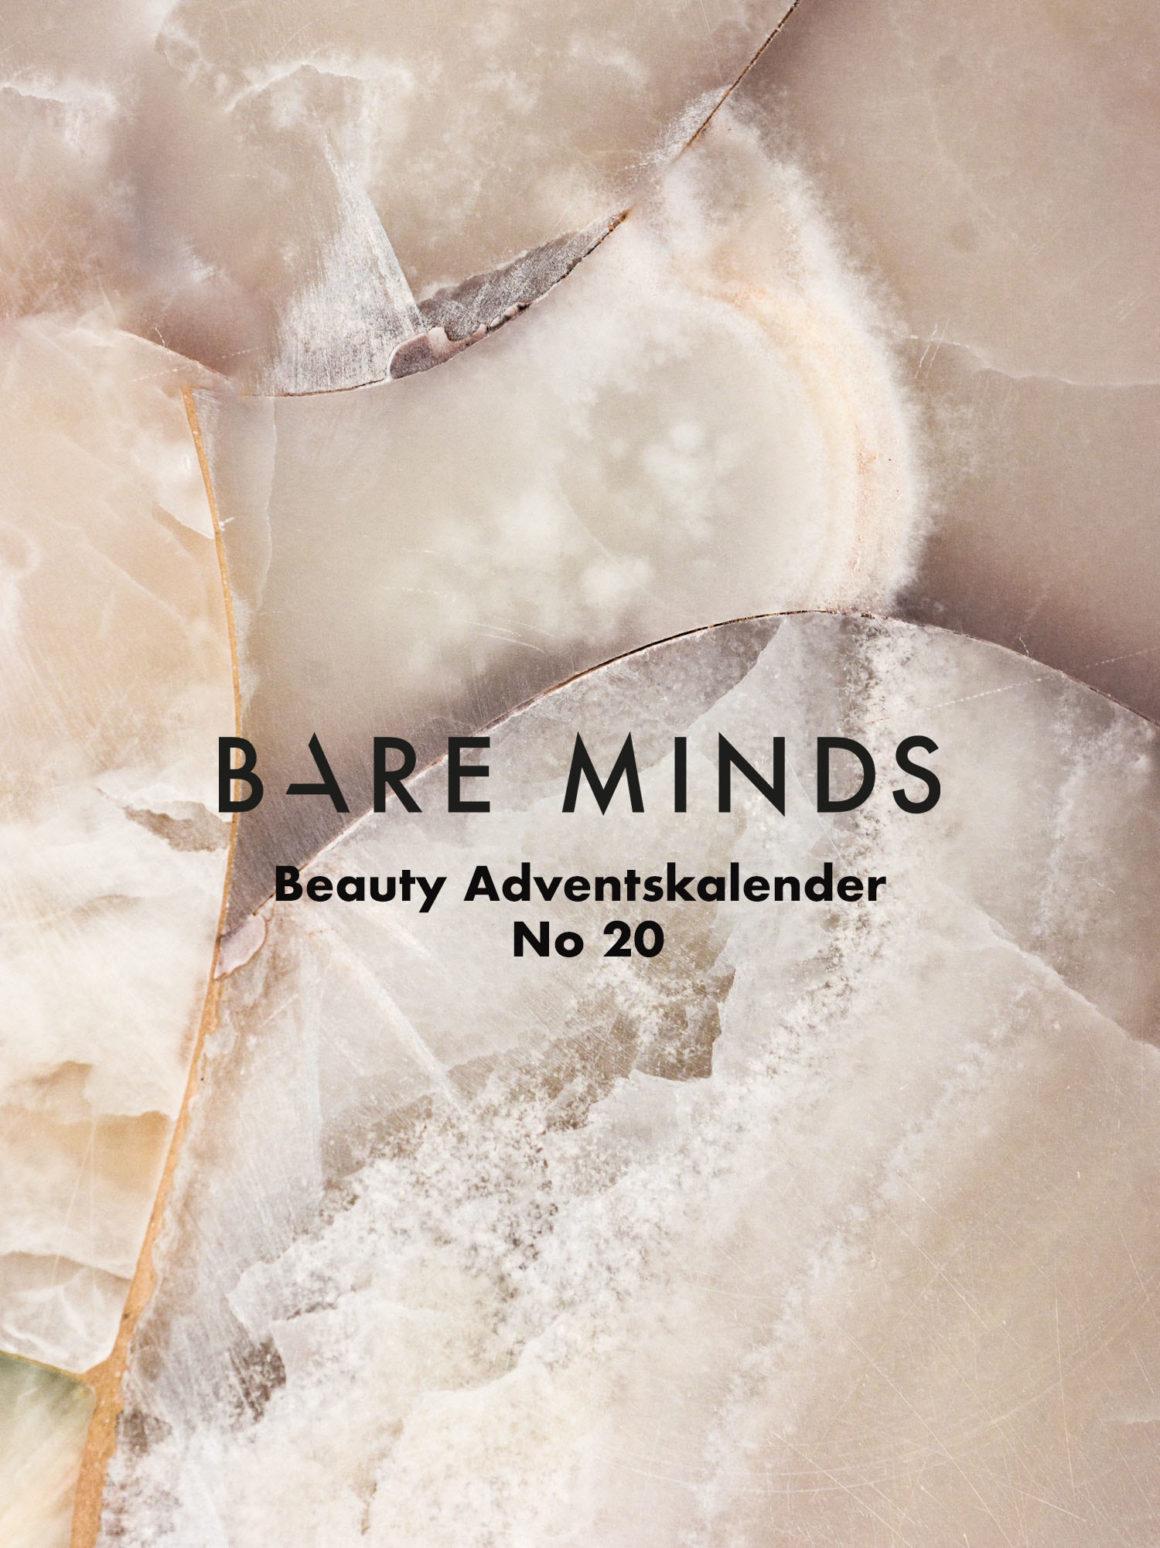 Bare Minds Beauty Adventskalender lala-v-751883-unsplash Kopie